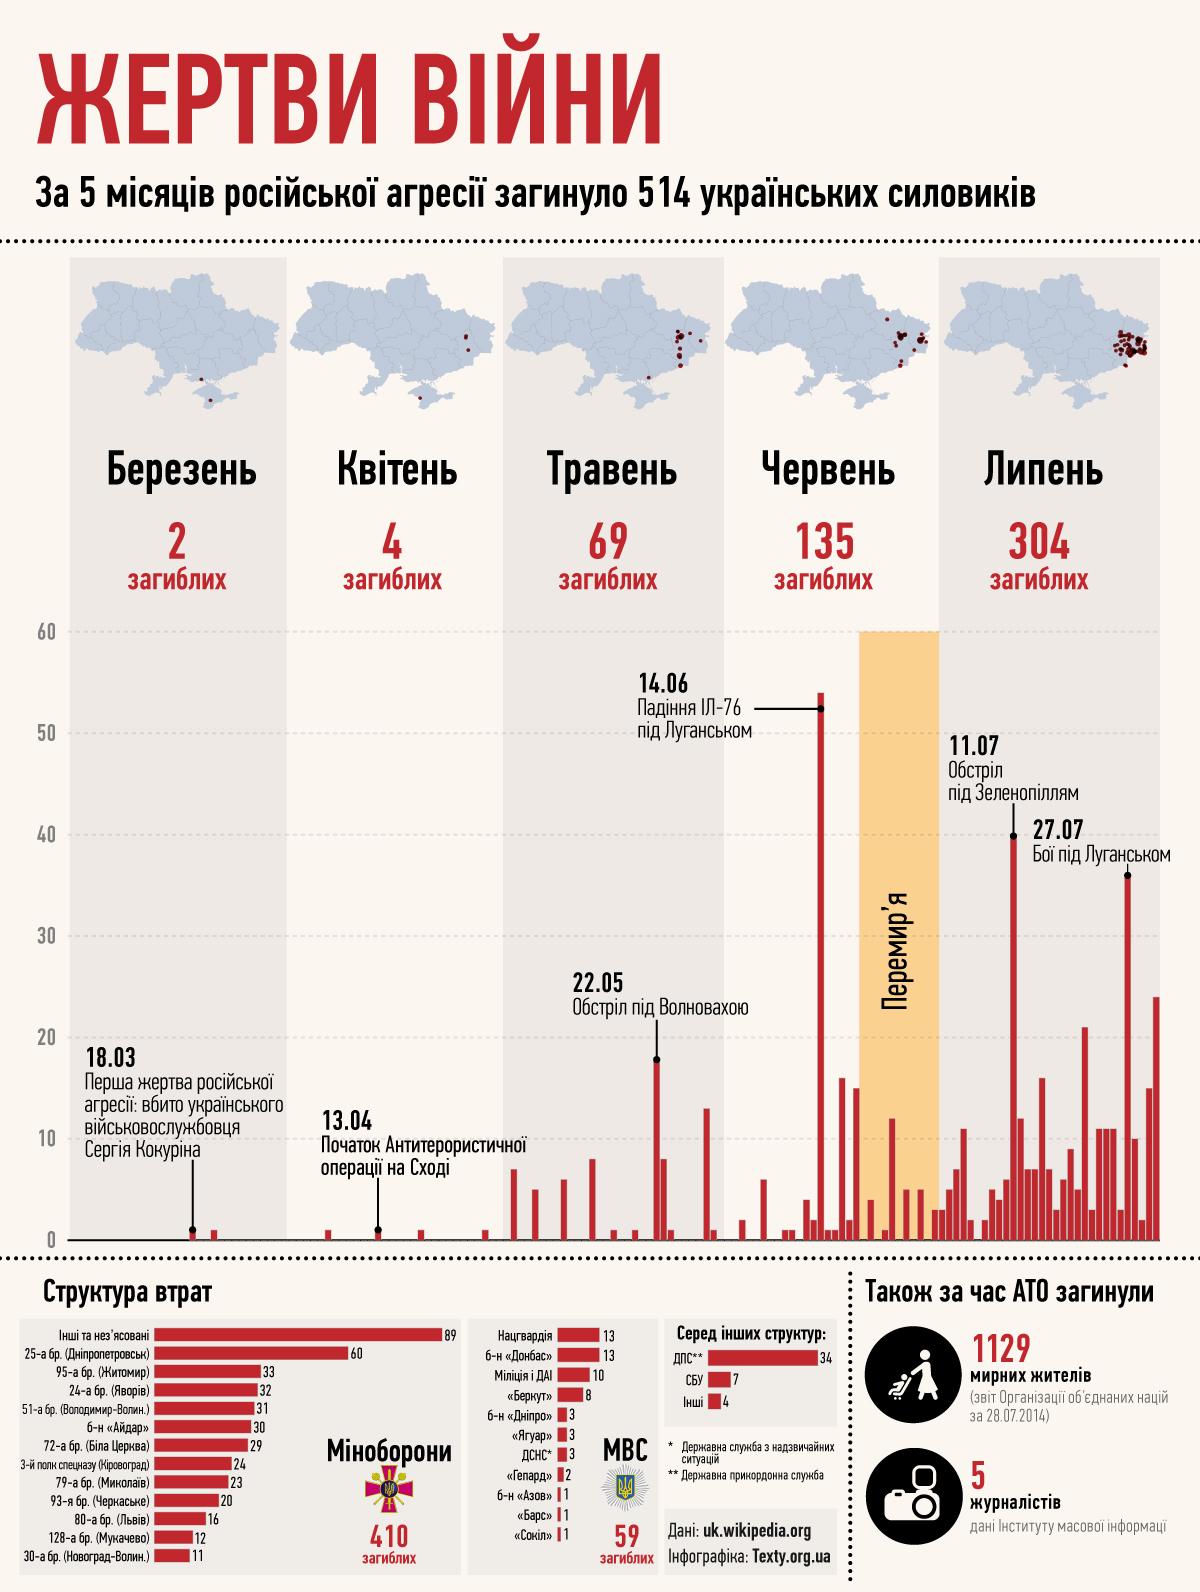 На інфографіці позначено дні найбільших втрат українських військових, а також час оголошеного українською владою перемир'я.